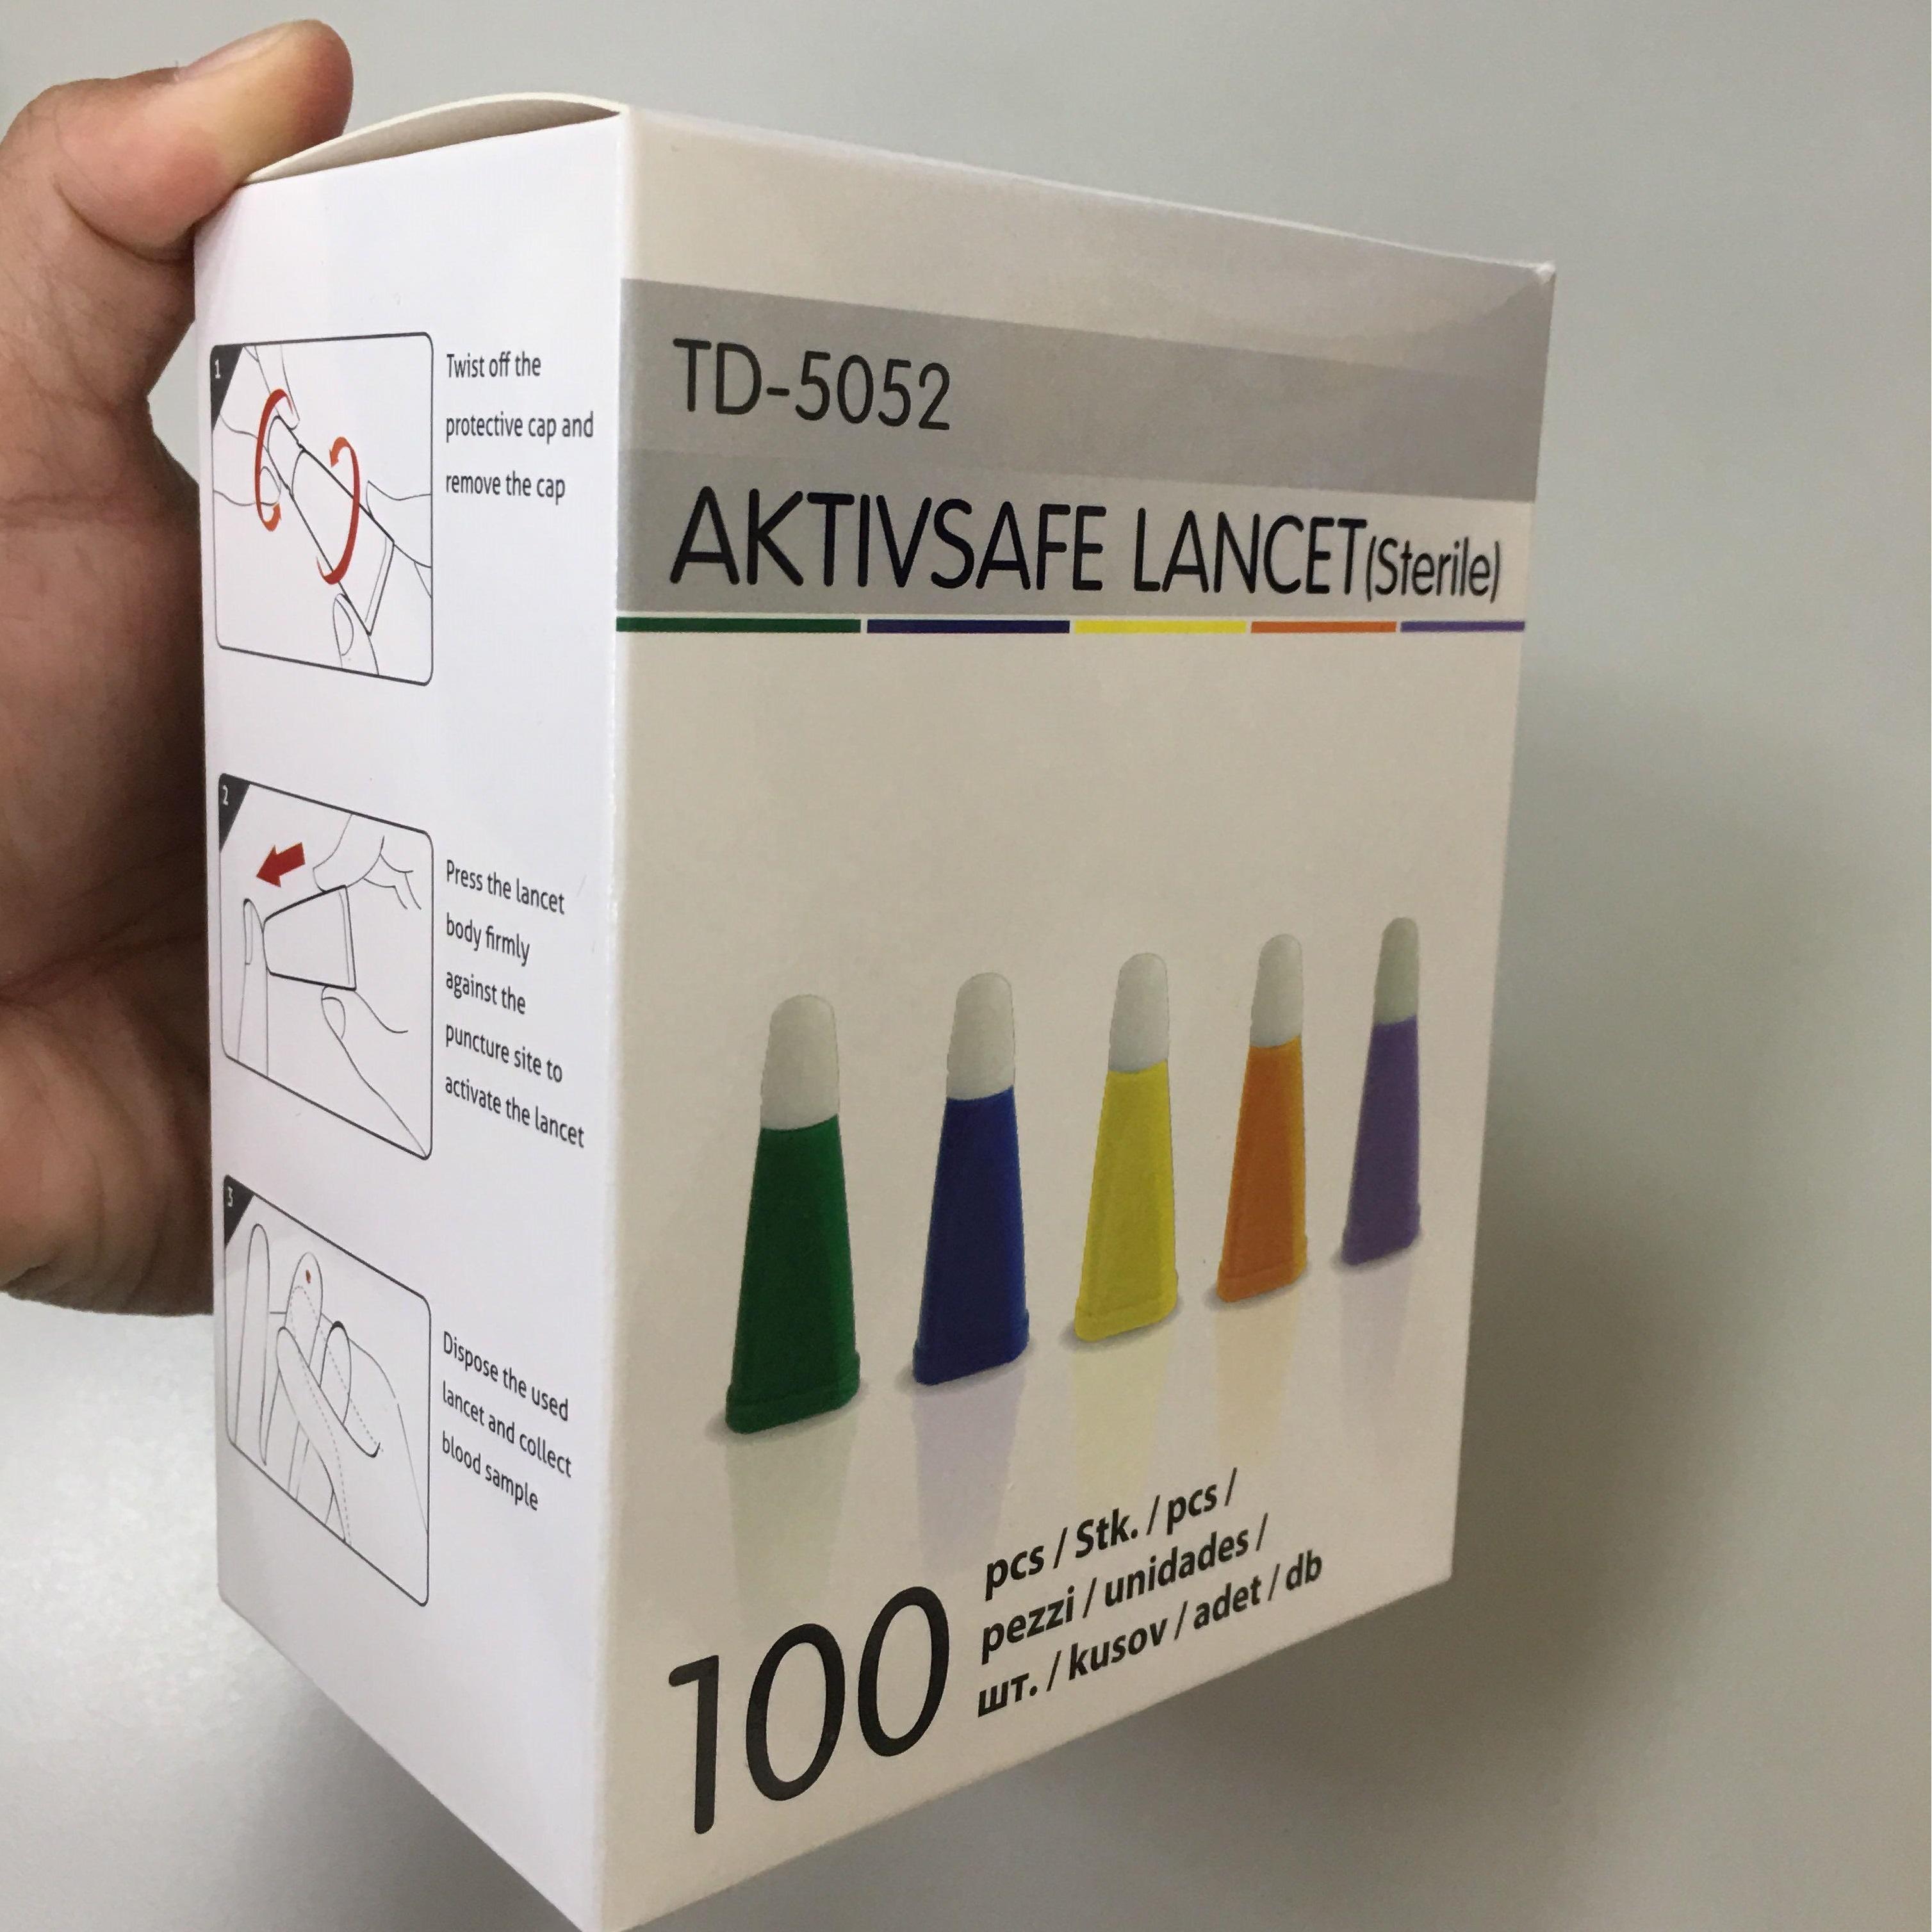 2.2 Mm Wegwerp Naald Veiligheid Roestvrij Bloedlancet Pen Met 100 Stuks